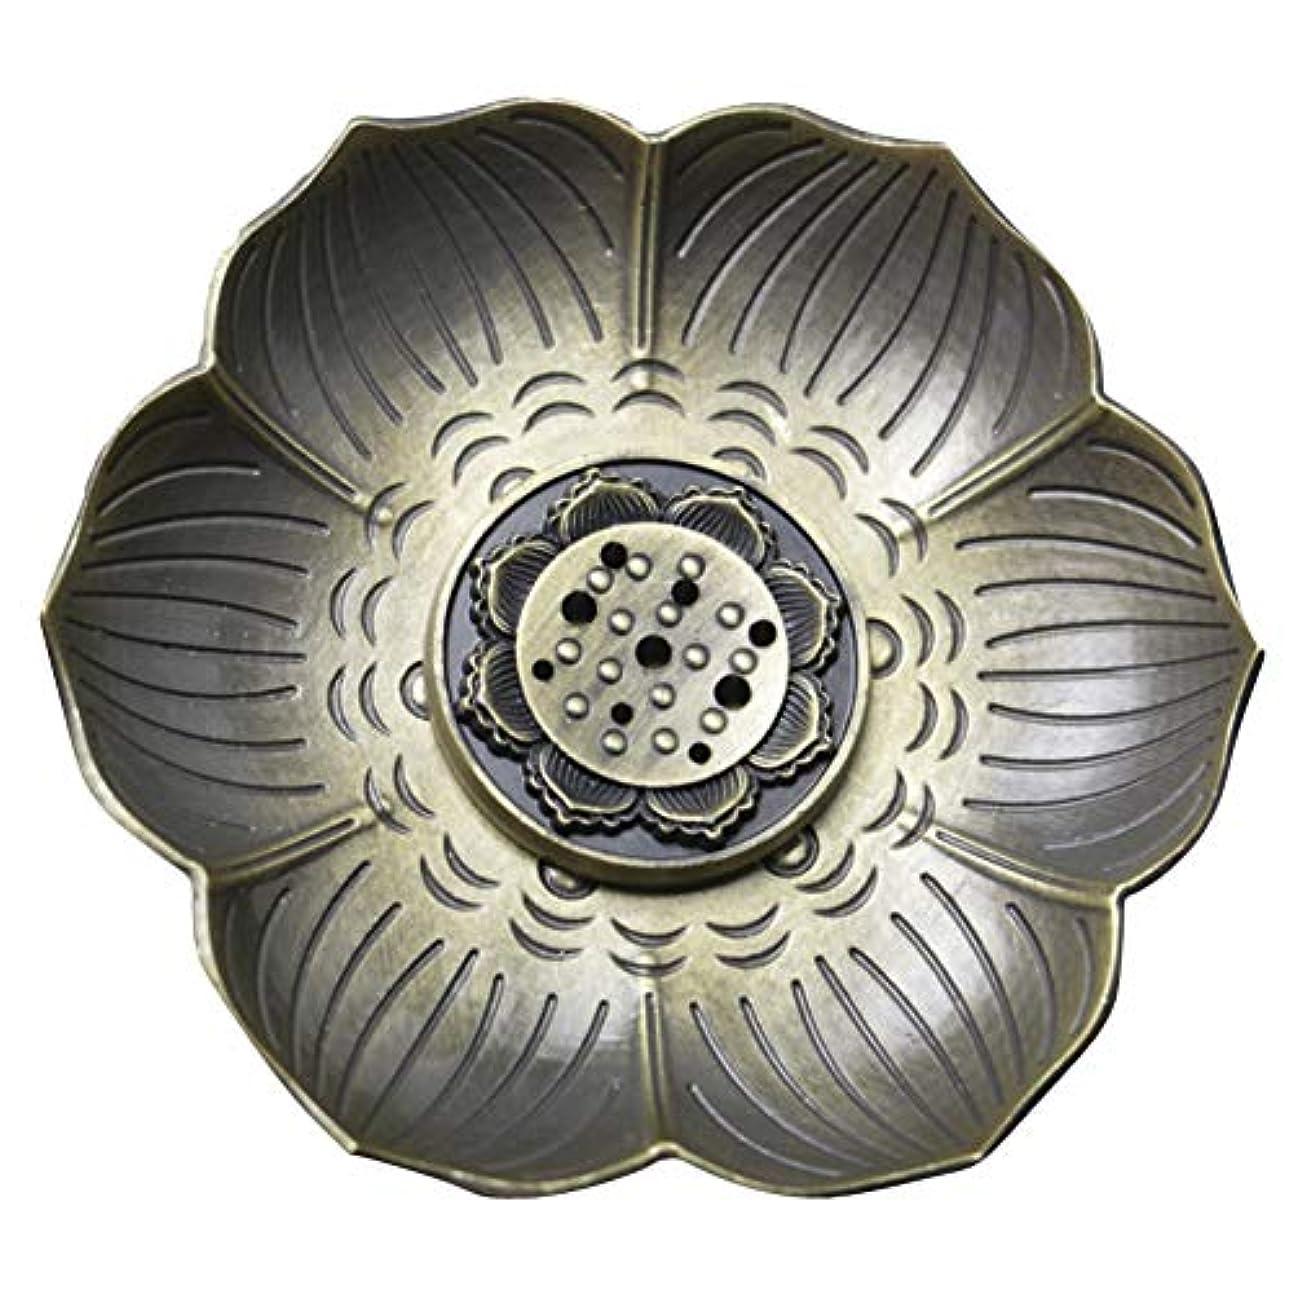 ヒューマニスティックアクセシブルマウントバンク(イスイ)YISHUI 線香立 線香皿 香皿 香立て お香用具 お線香用可 アロマ香炉 梅の花 さくらHP0134 (梅の花B)